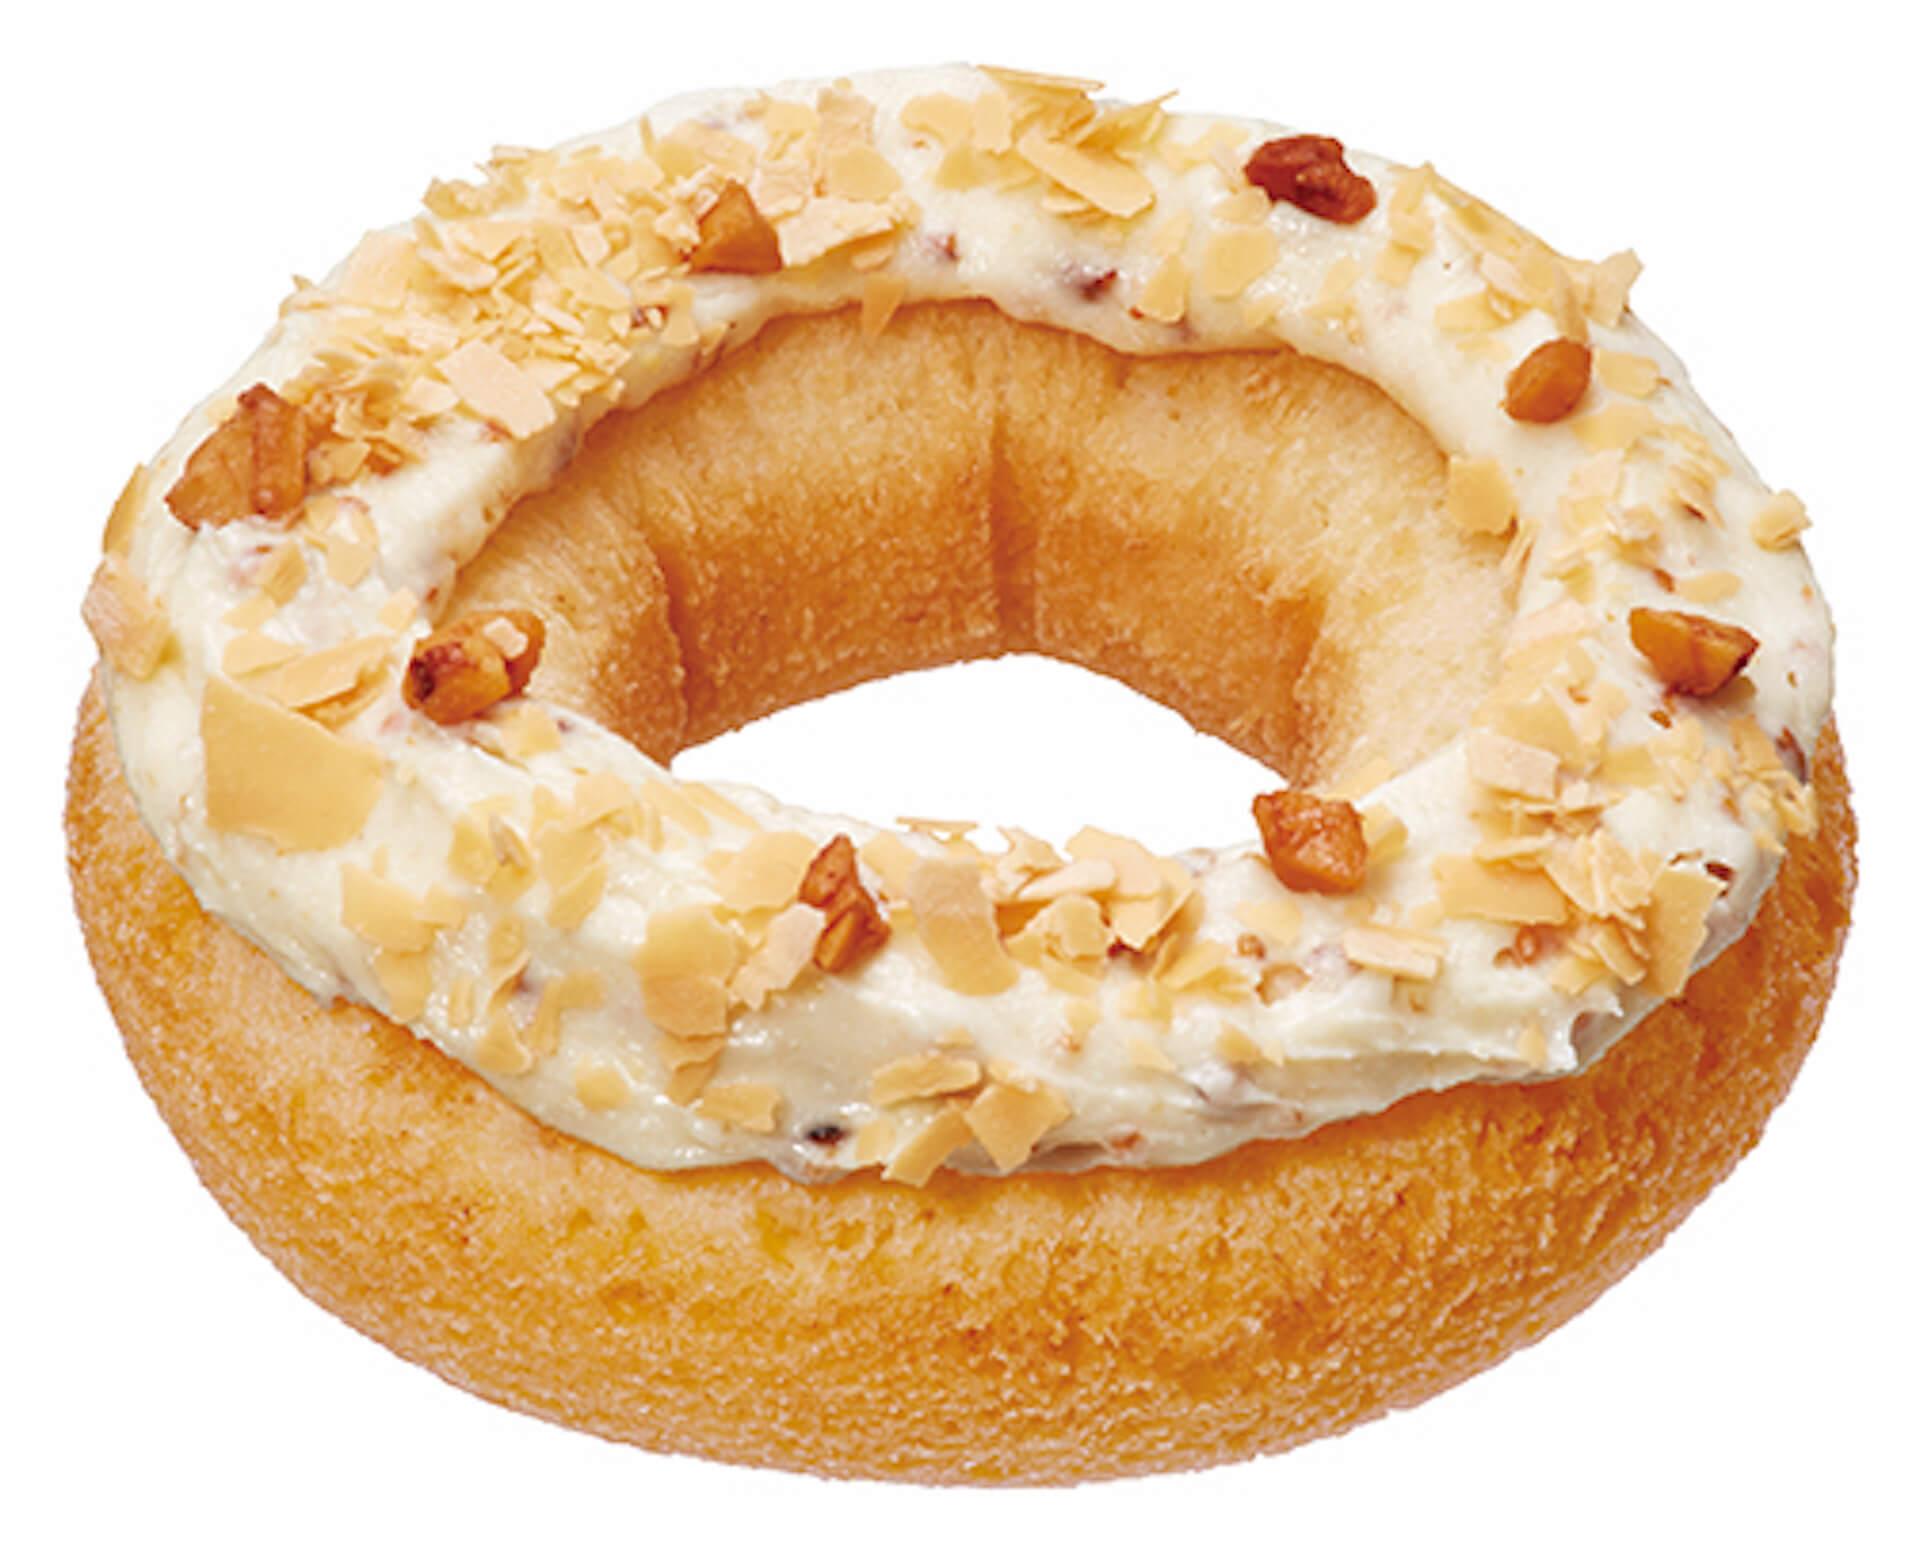 クリスピー・クリーム・ドーナツからムチモチ食感の「ムチモチ 香ばし玄米きなこ」が初夏限定で登場! gourmet210422_krispy-kreme-doughnuts-210422_1